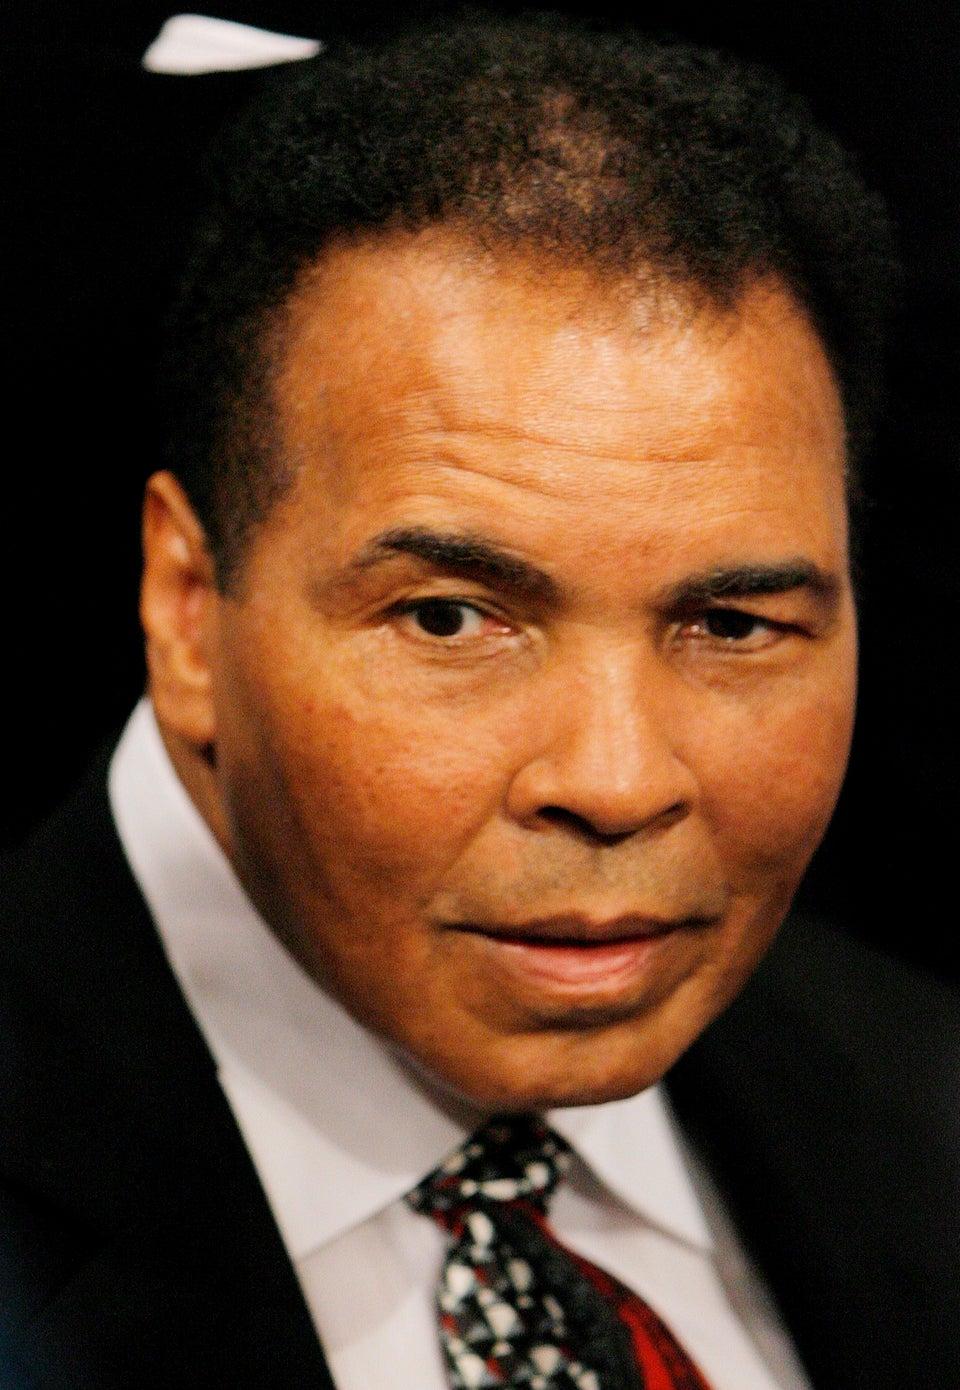 Muhammad Ali Secretly Rushed to Hospital